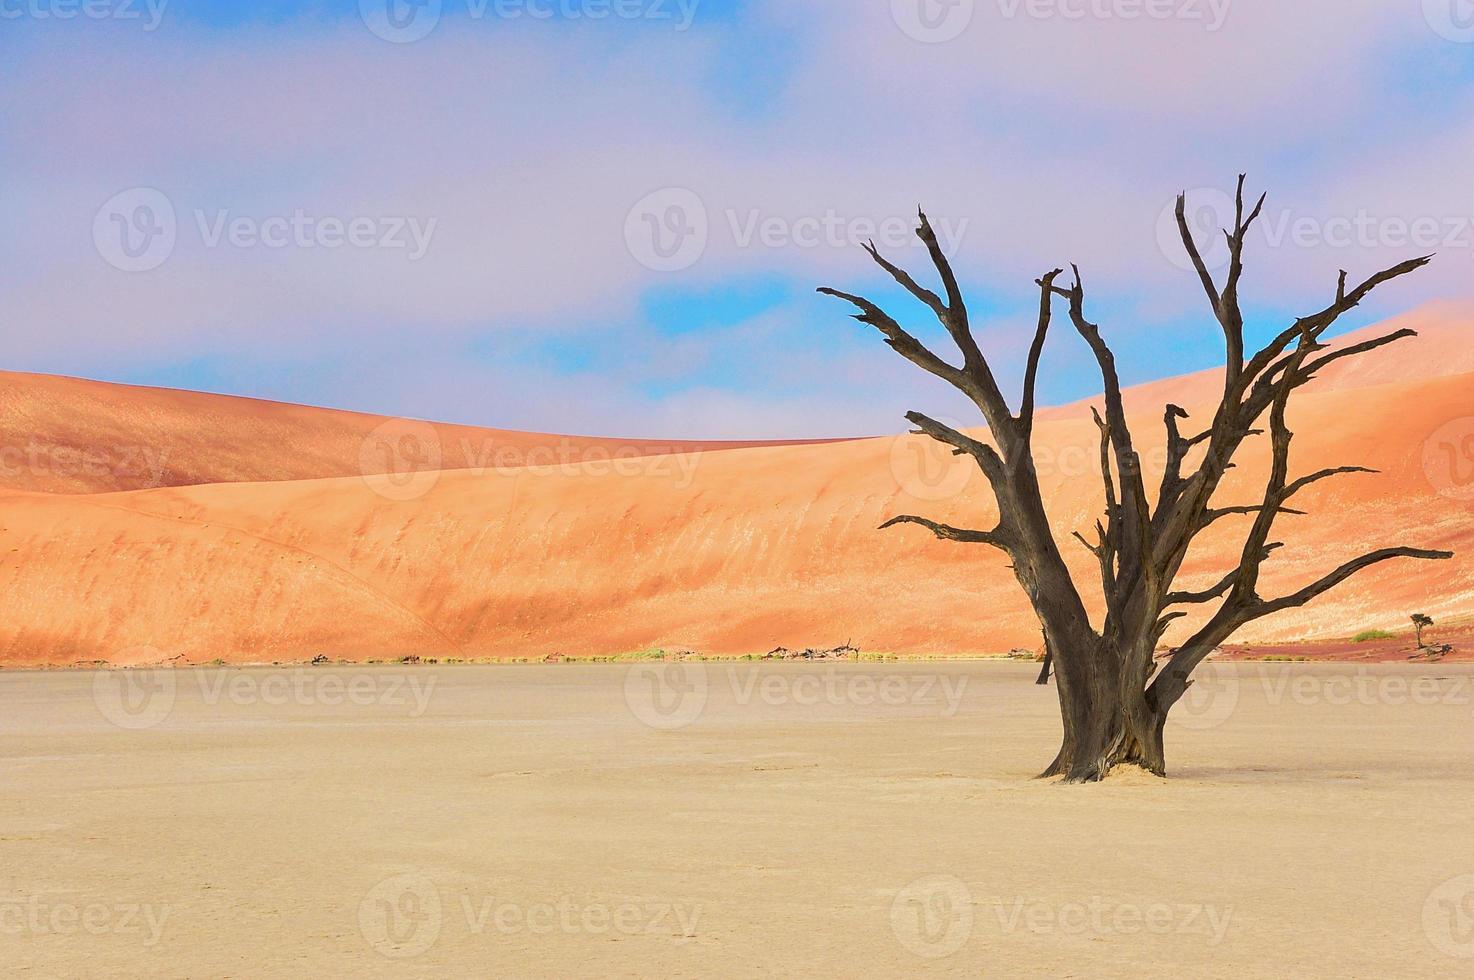 Árboles y paisaje del desierto de Vlei muerto, Namibia foto